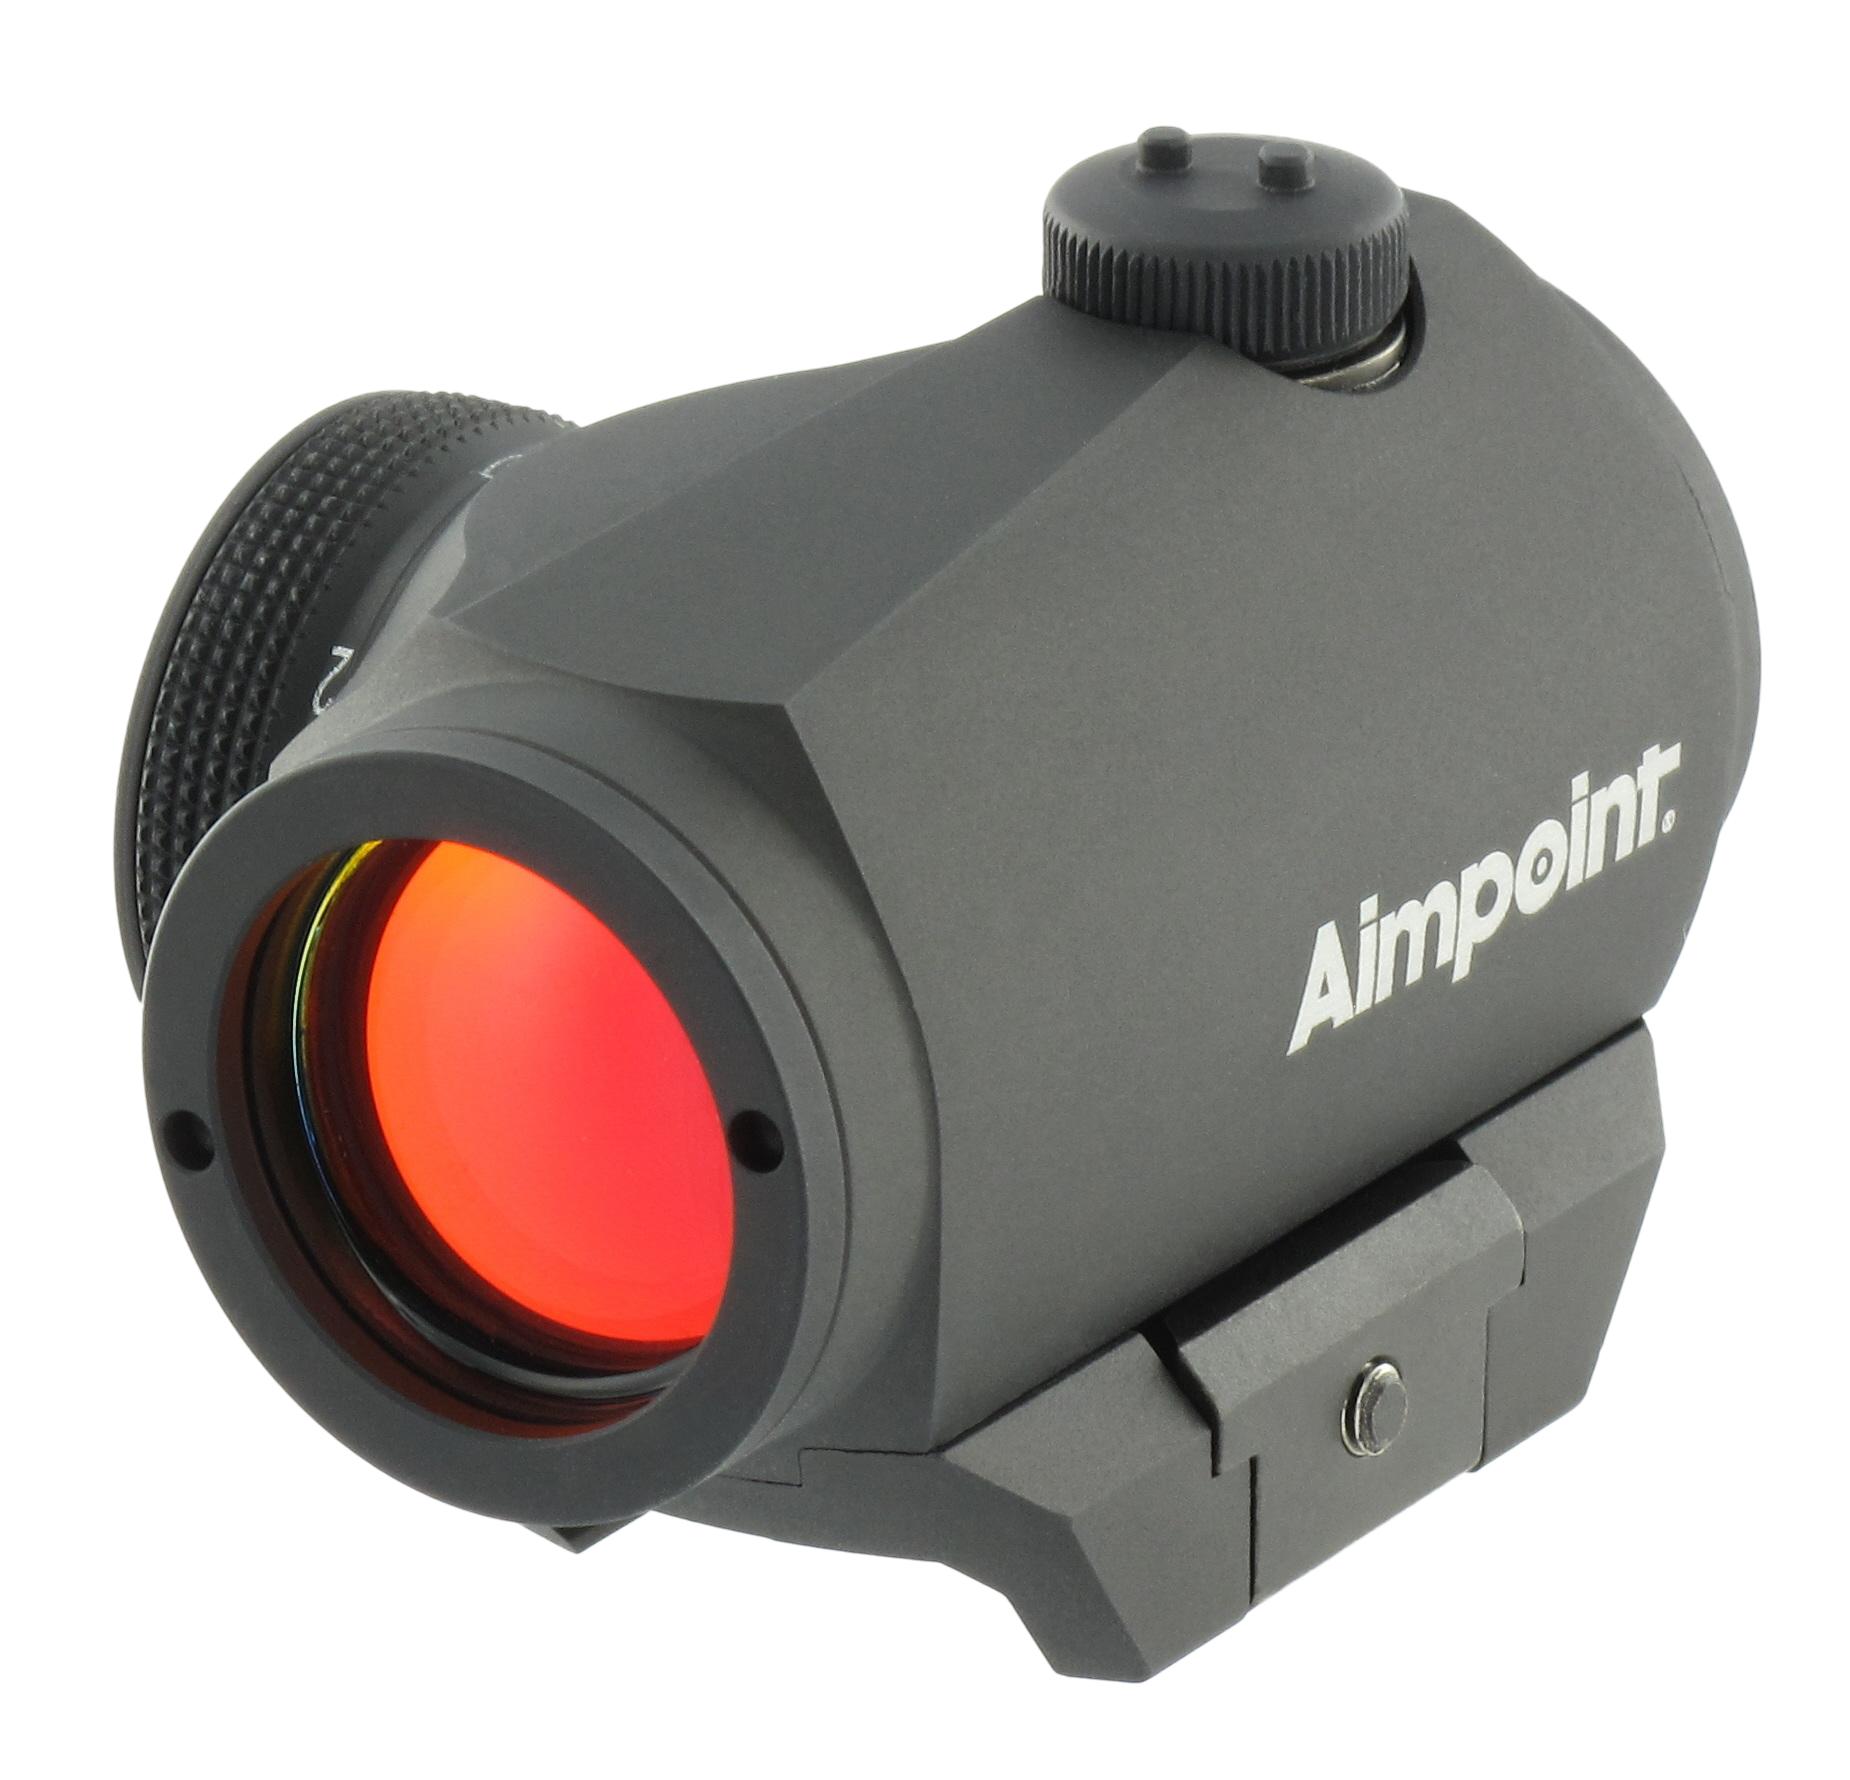 Reflexvisiere im Test - Aimpoint Micro H1